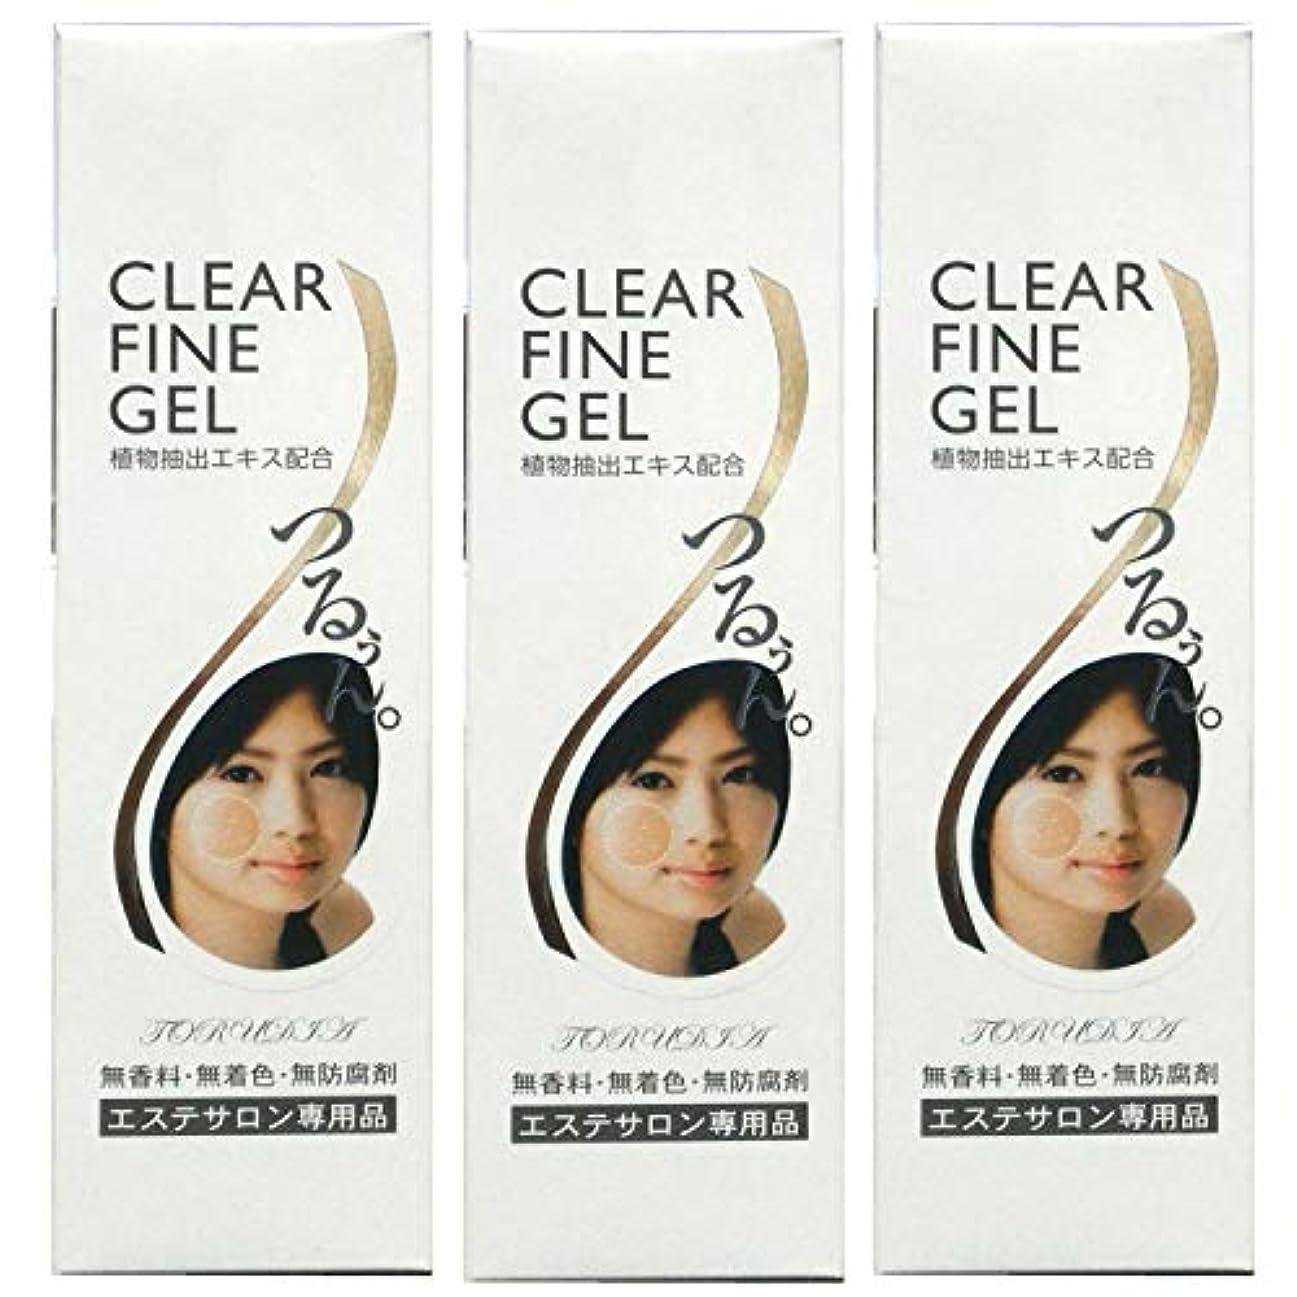 ピニオン診断する祈る【3個セット】CLEAR FINE GEL(クリアファインジェル)250g